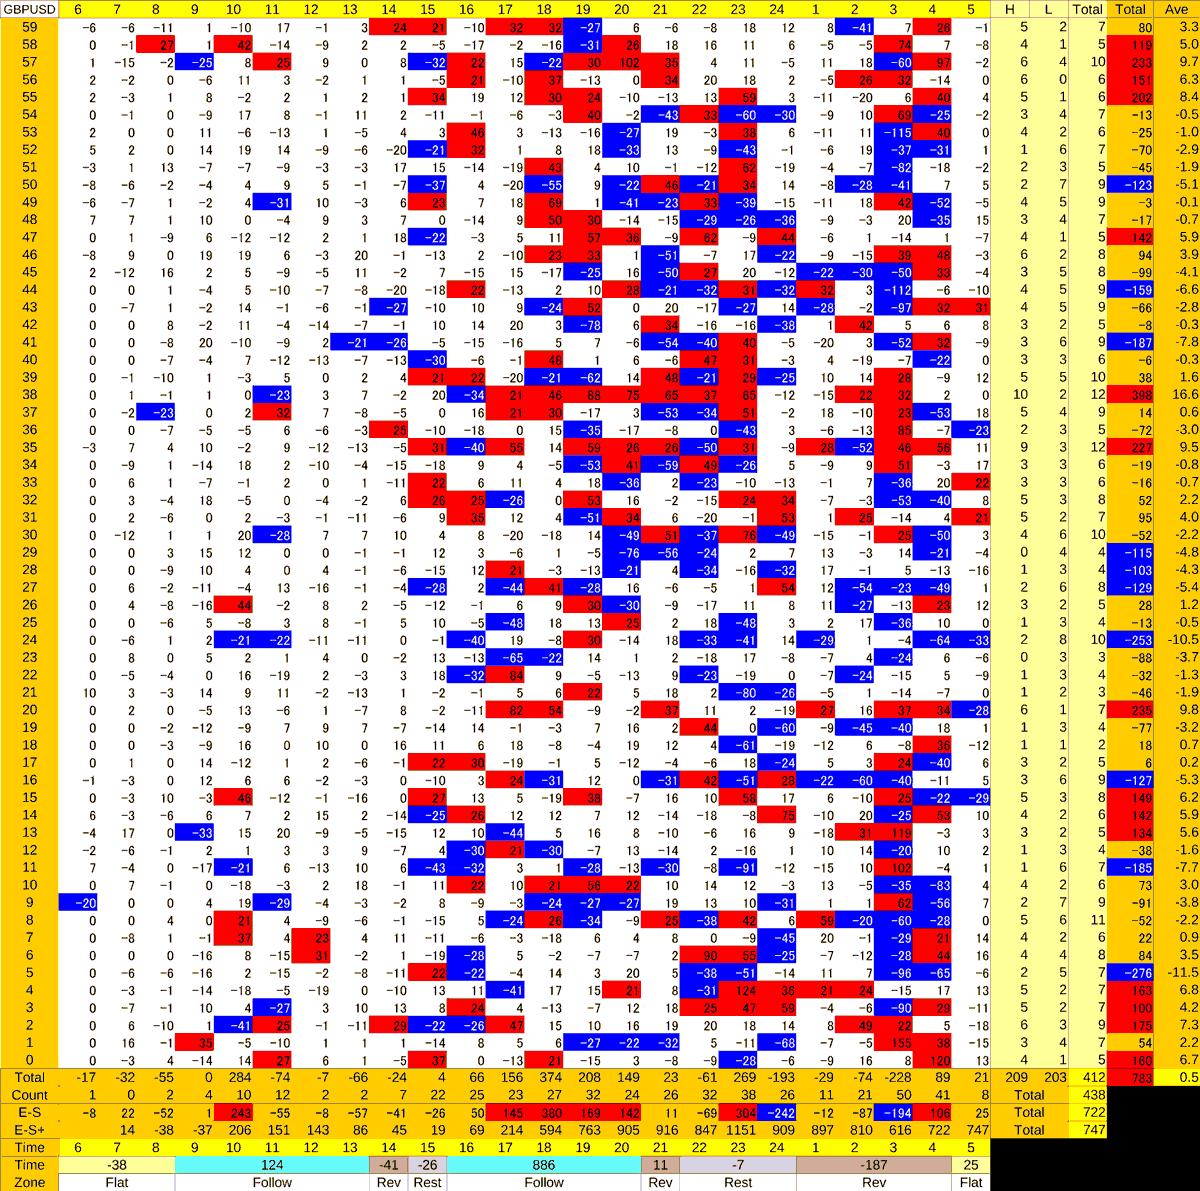 20200916_HS(2)GBPUSD